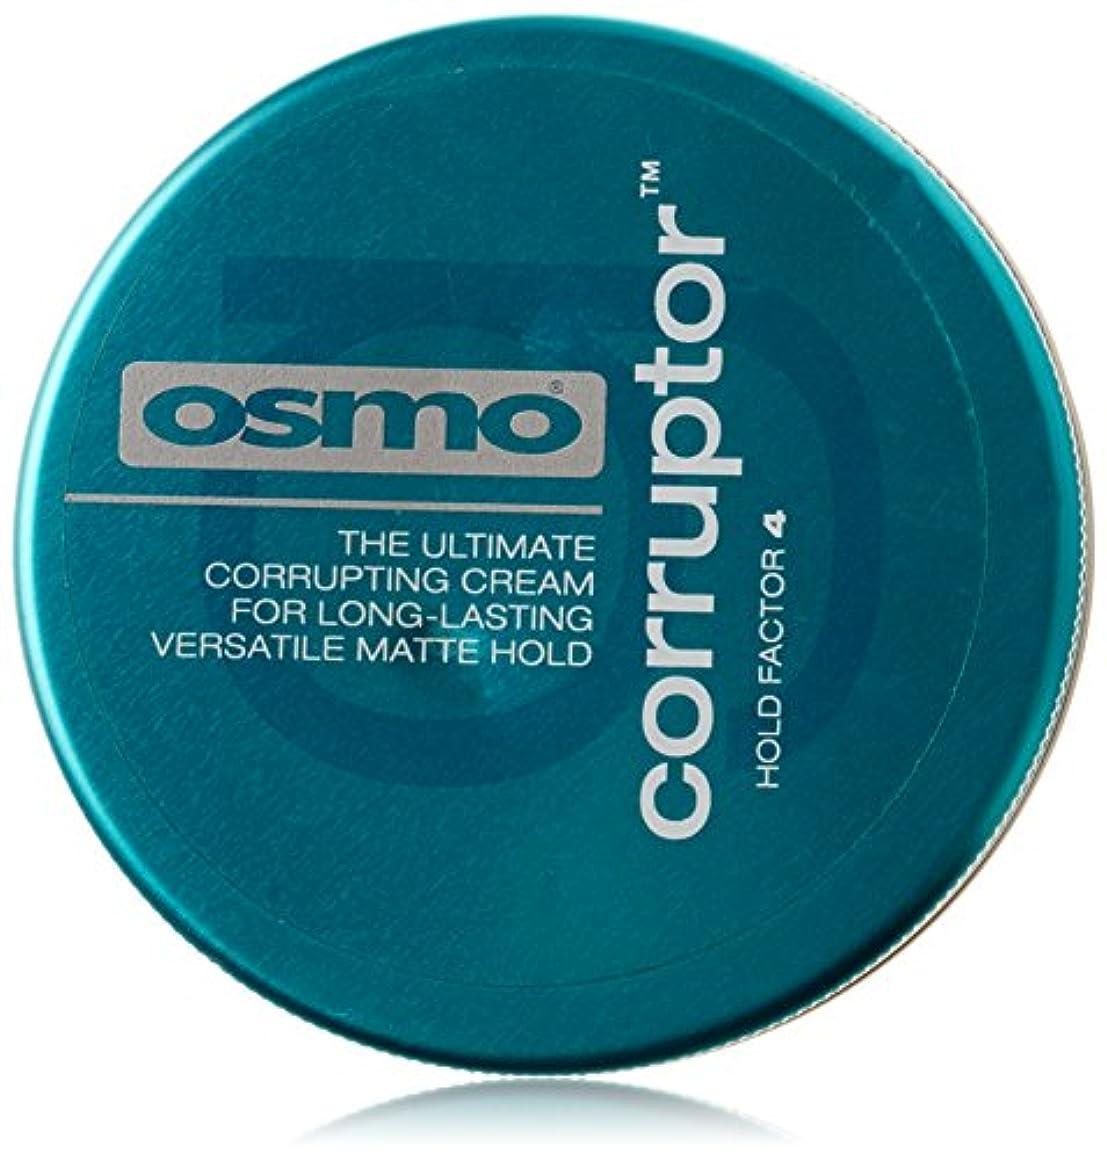 株式会社礼拝そのアレス OSMO ヘアワックス コラプター 100g